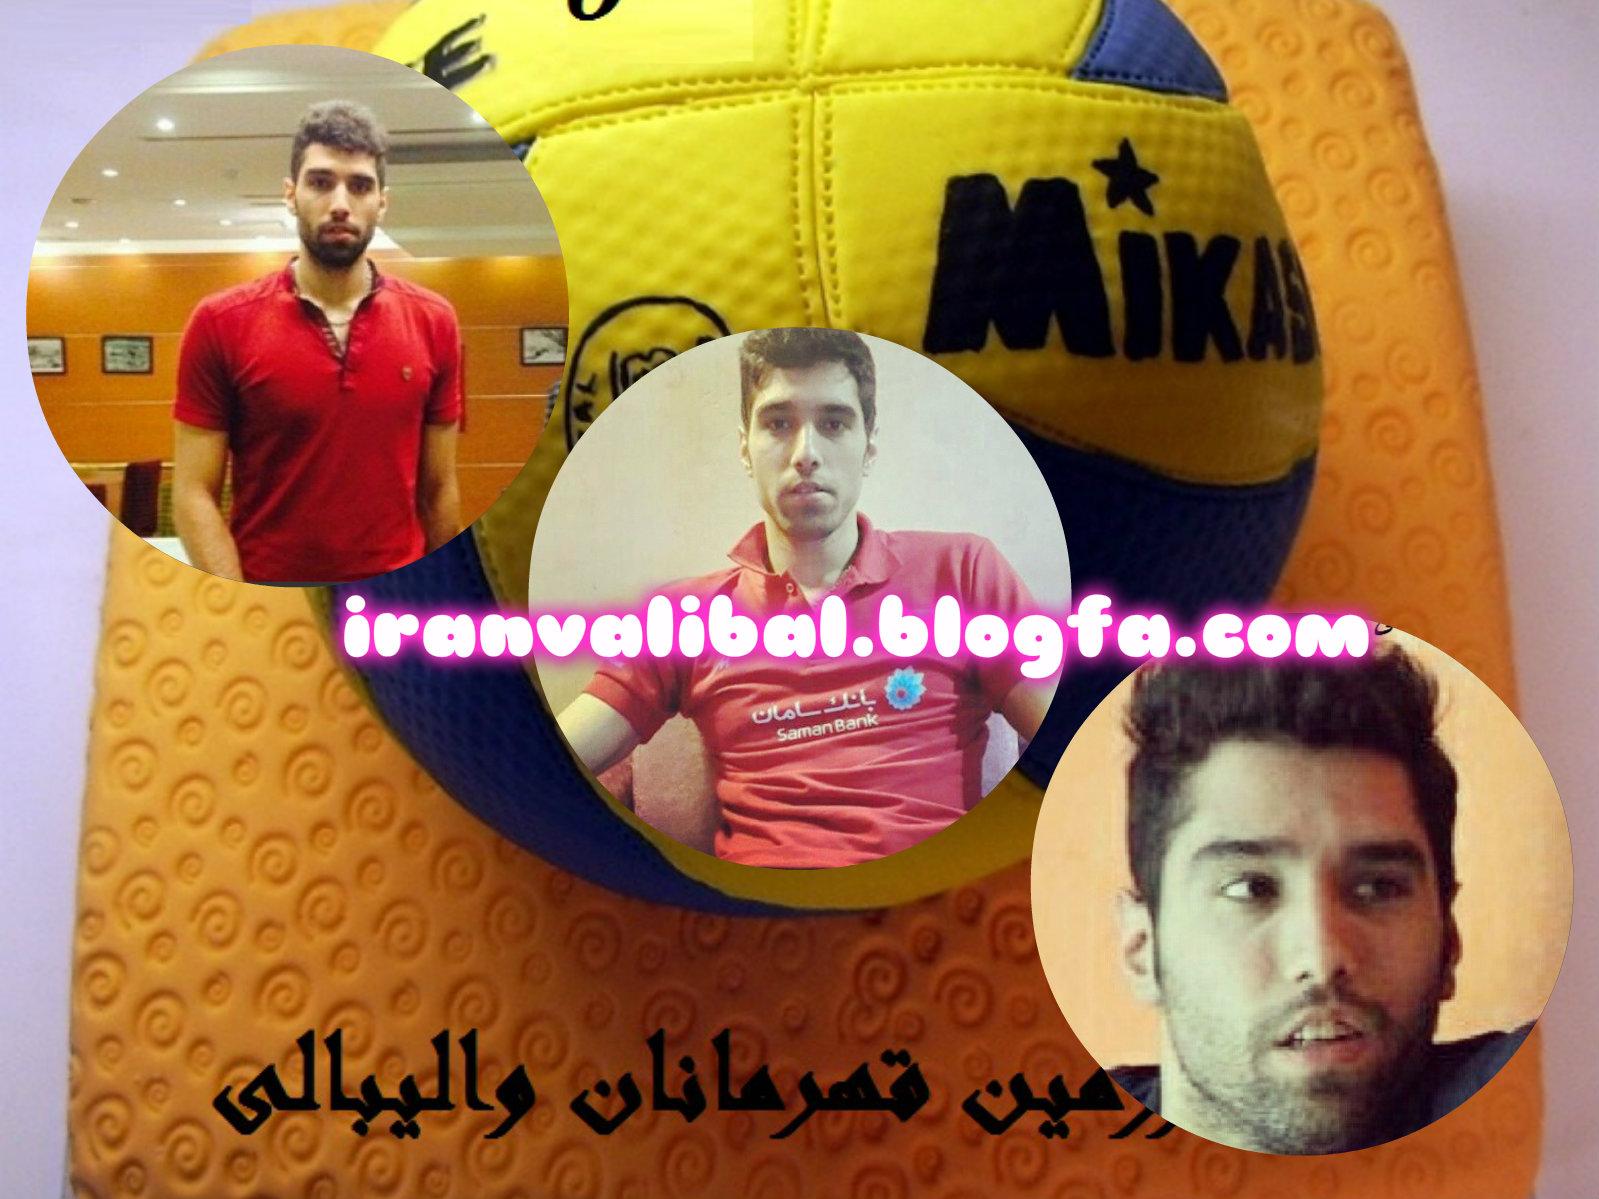 http://s5.picofile.com/file/8136272976/pizap_com14086142161611.jpg